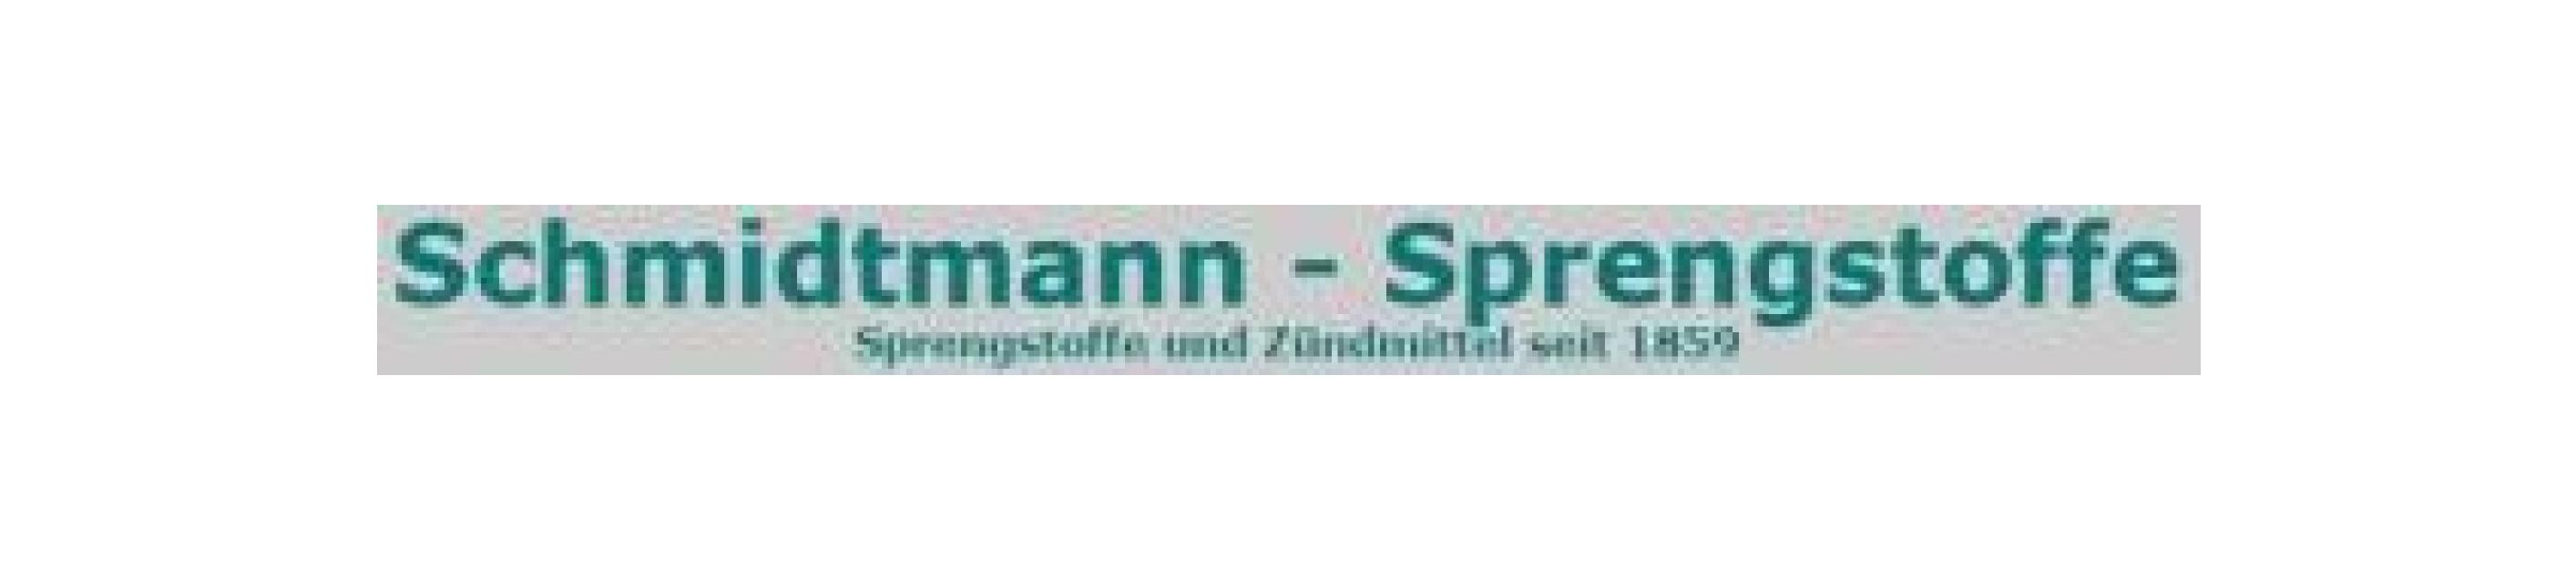 Groß Spi Protokollrahmenformat Zeitgenössisch - Benutzerdefinierte ...